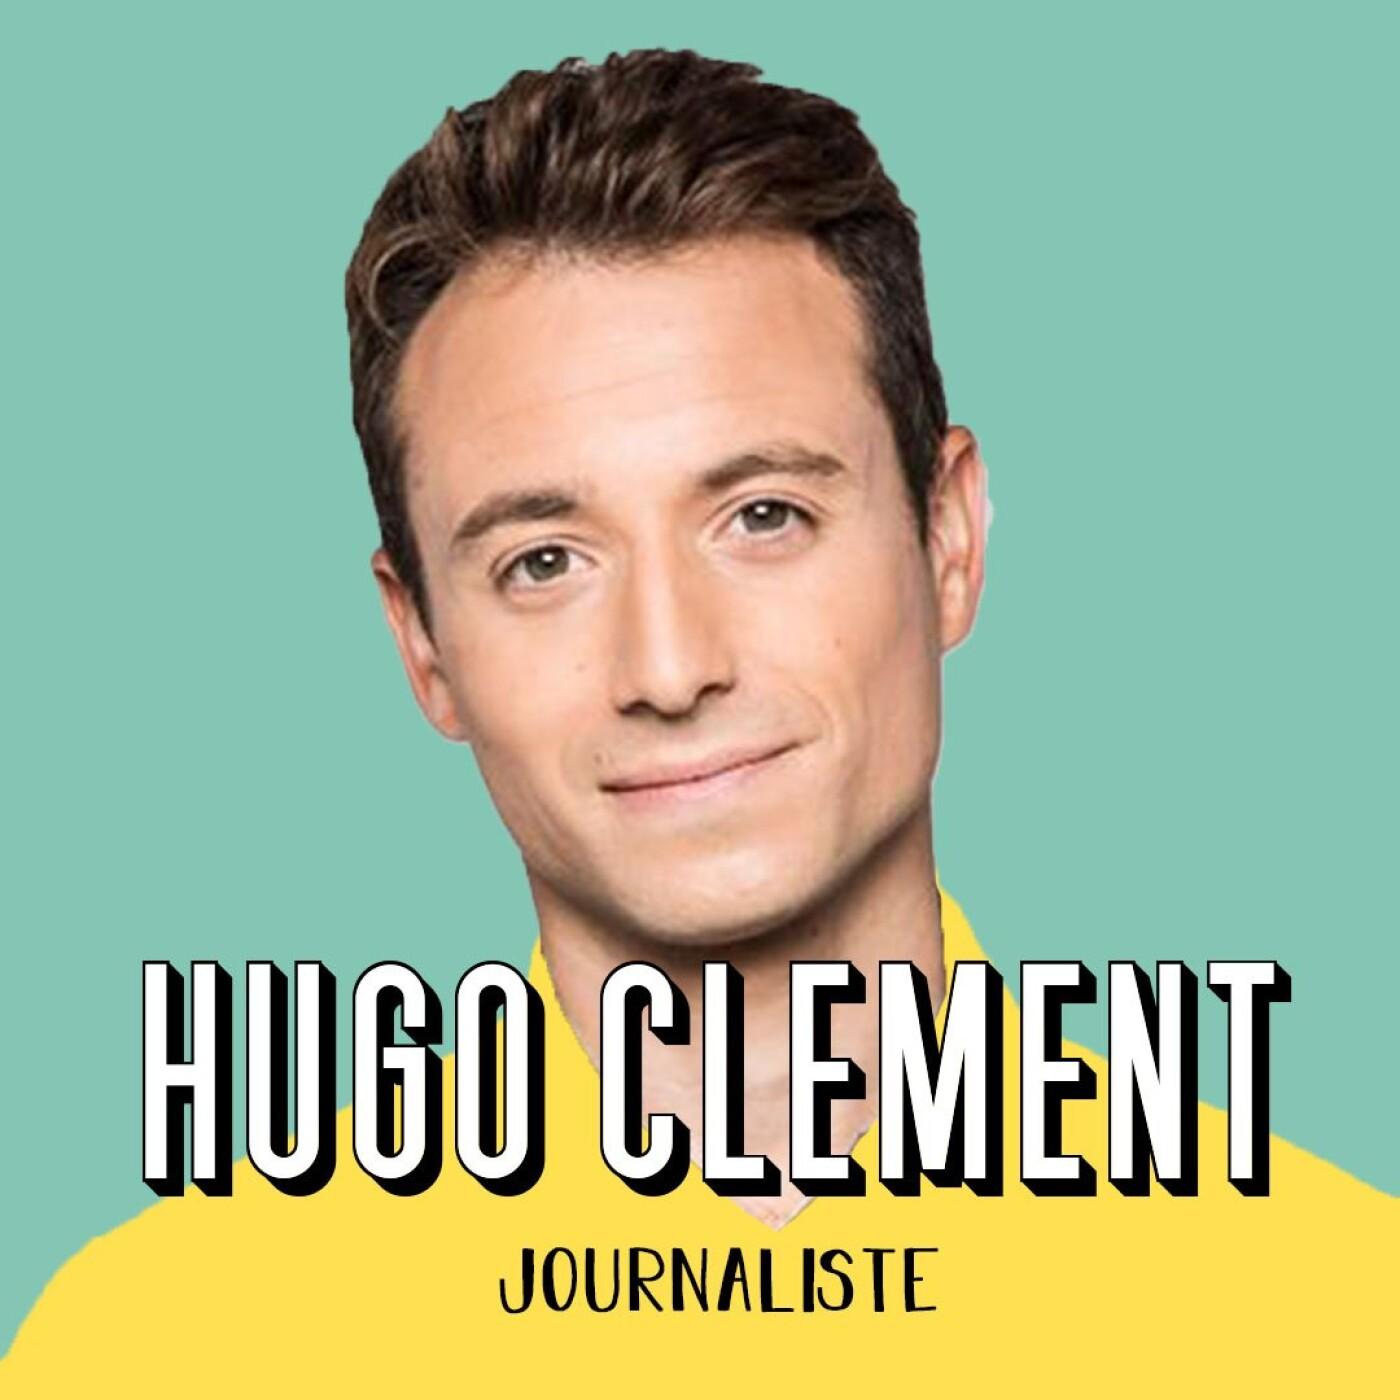 Hugo Clément, Journaliste - L'information comme moyen d'action